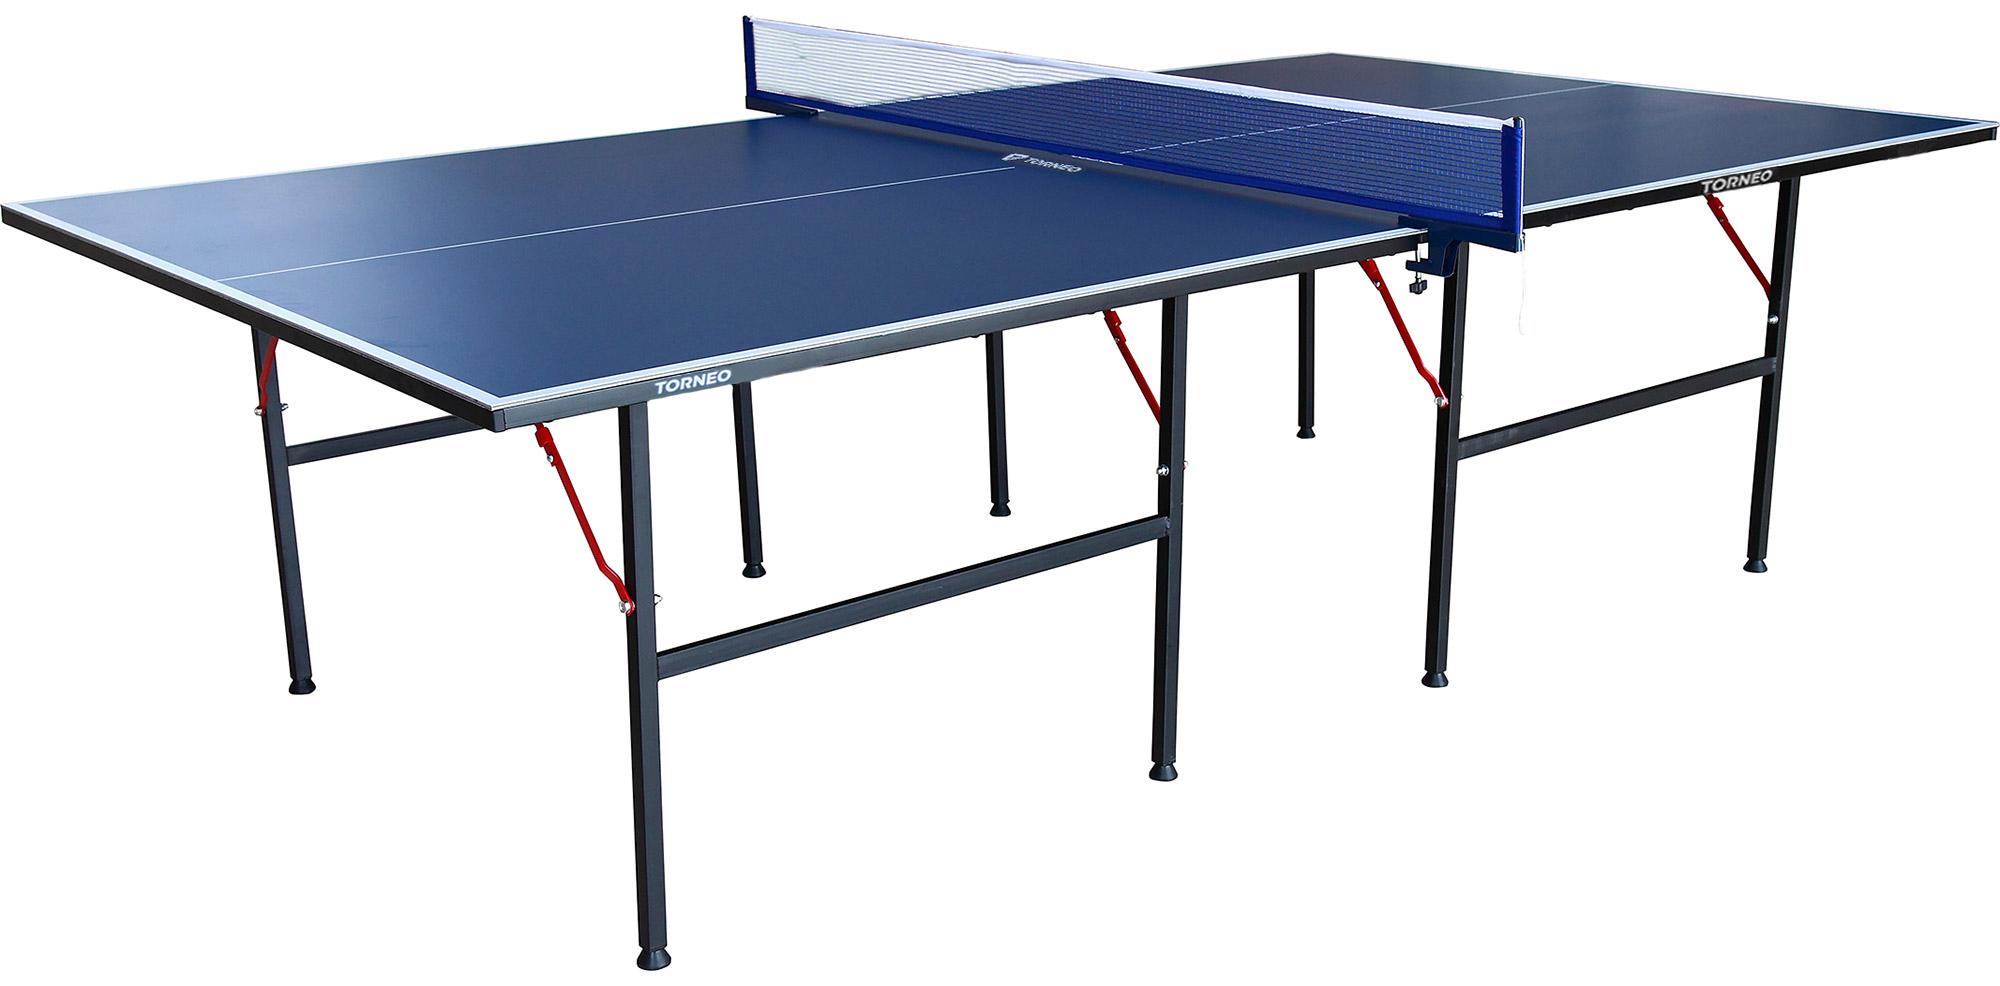 Torneo Теннисный стол всепогодный Torneo kettler теннисный стол всепогодный kettler axos outdoor 1